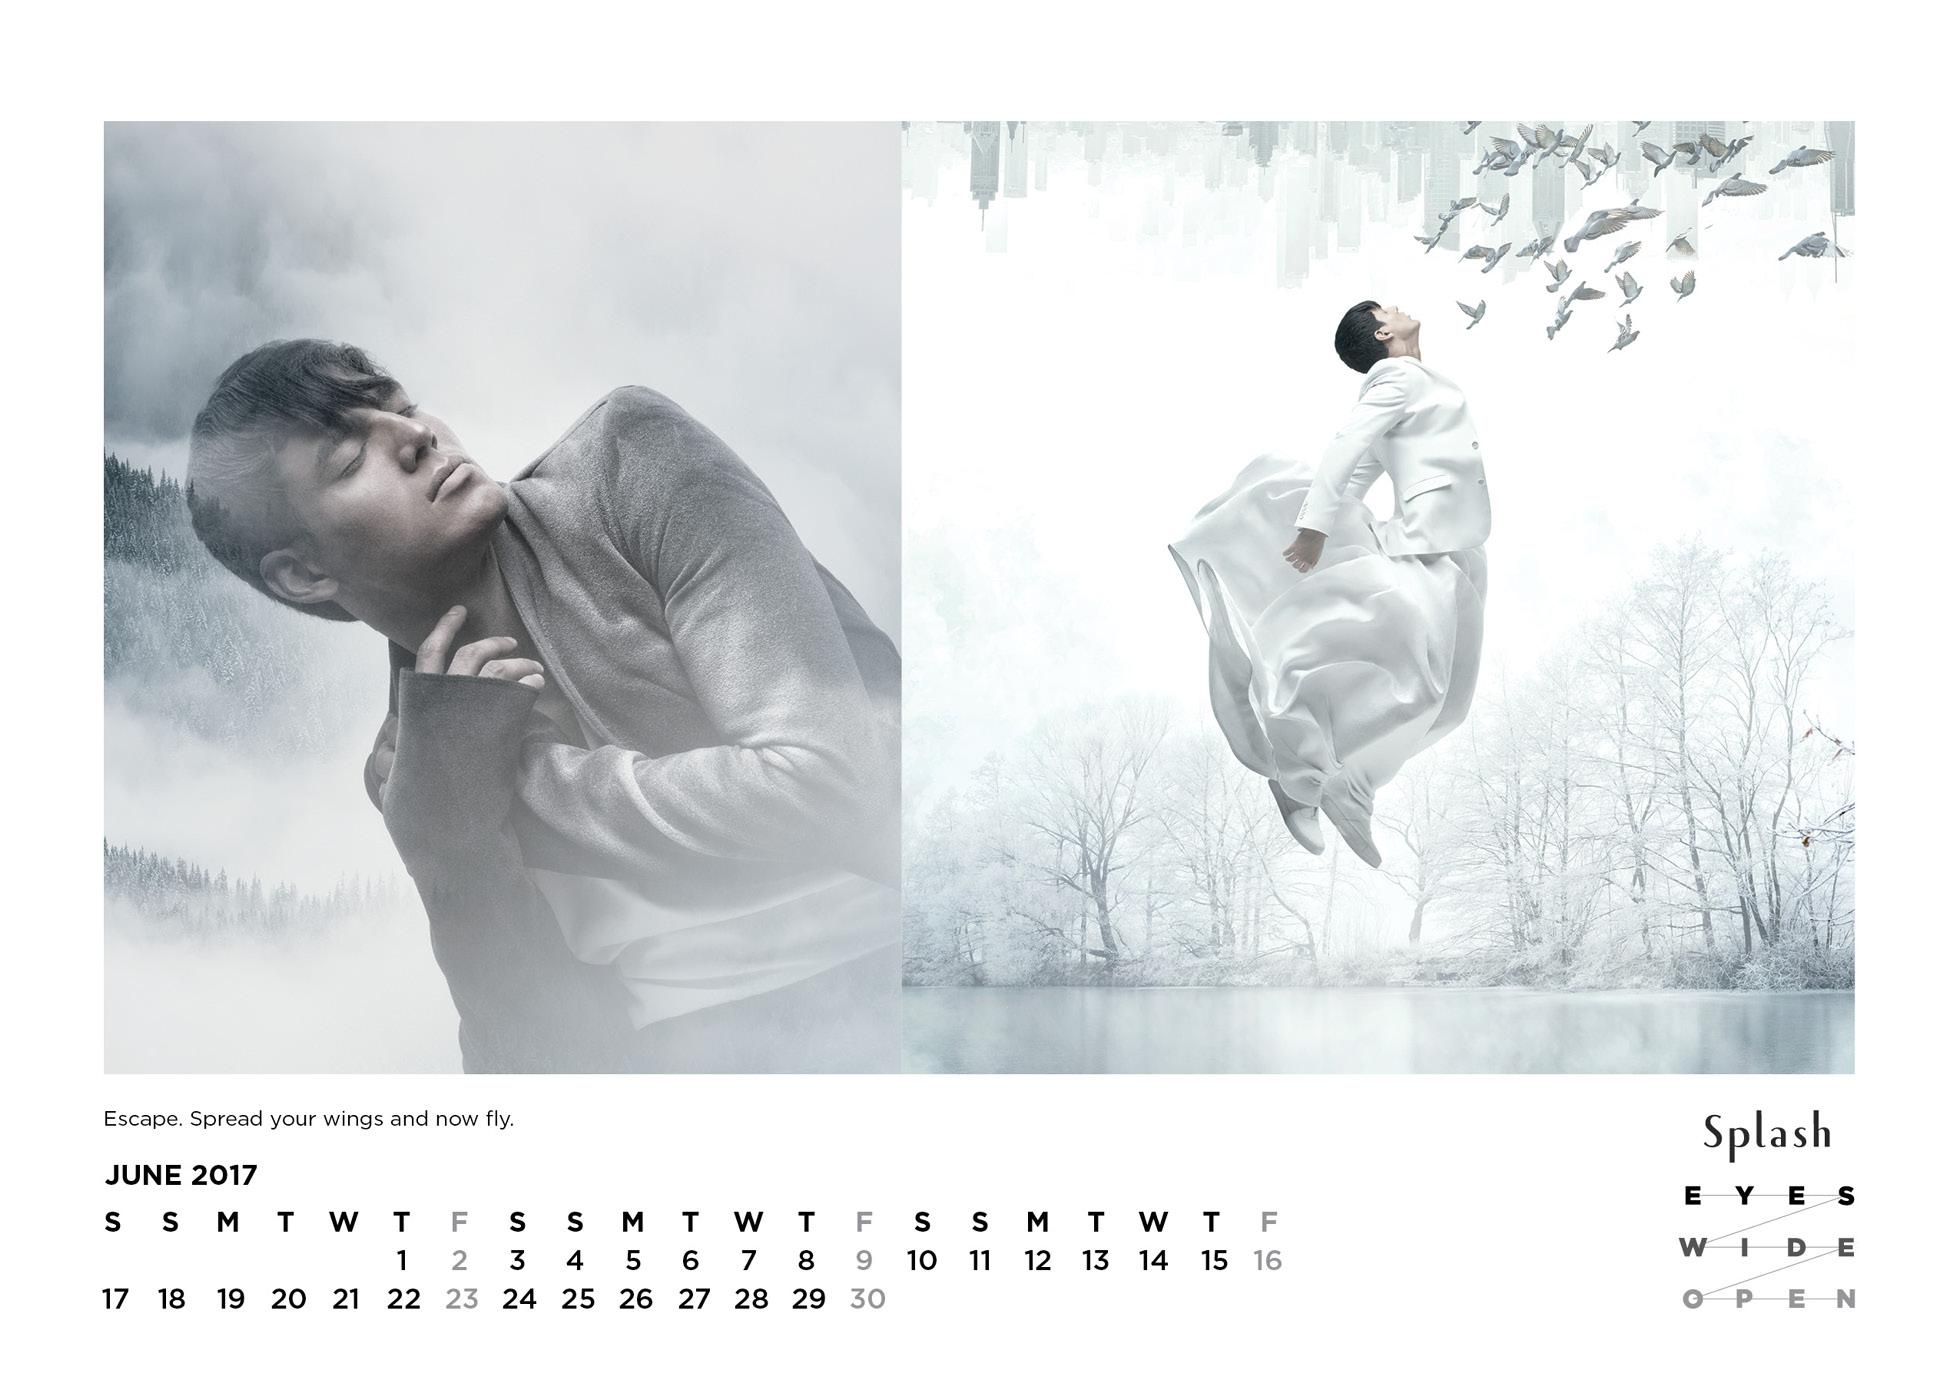 Splash Calendar 2017 - 1960 x 138614.jpg